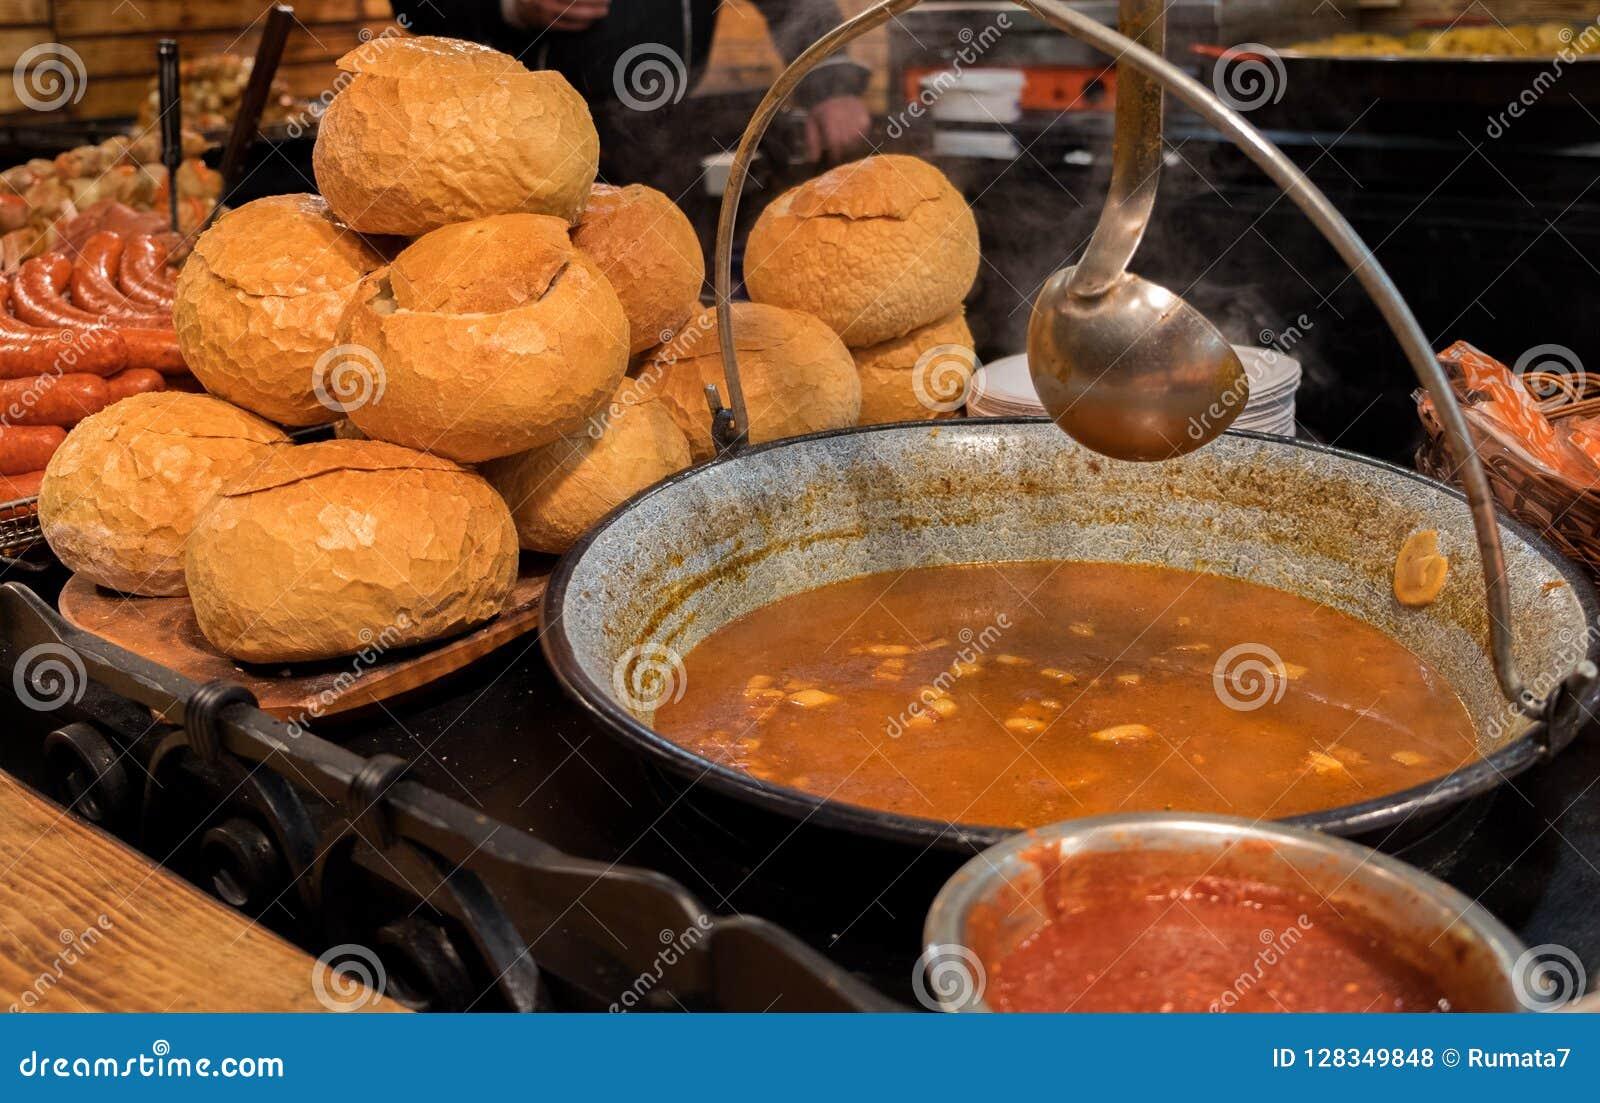 匈牙利墩牛肉-是肉和菜汤或炖煮的食物